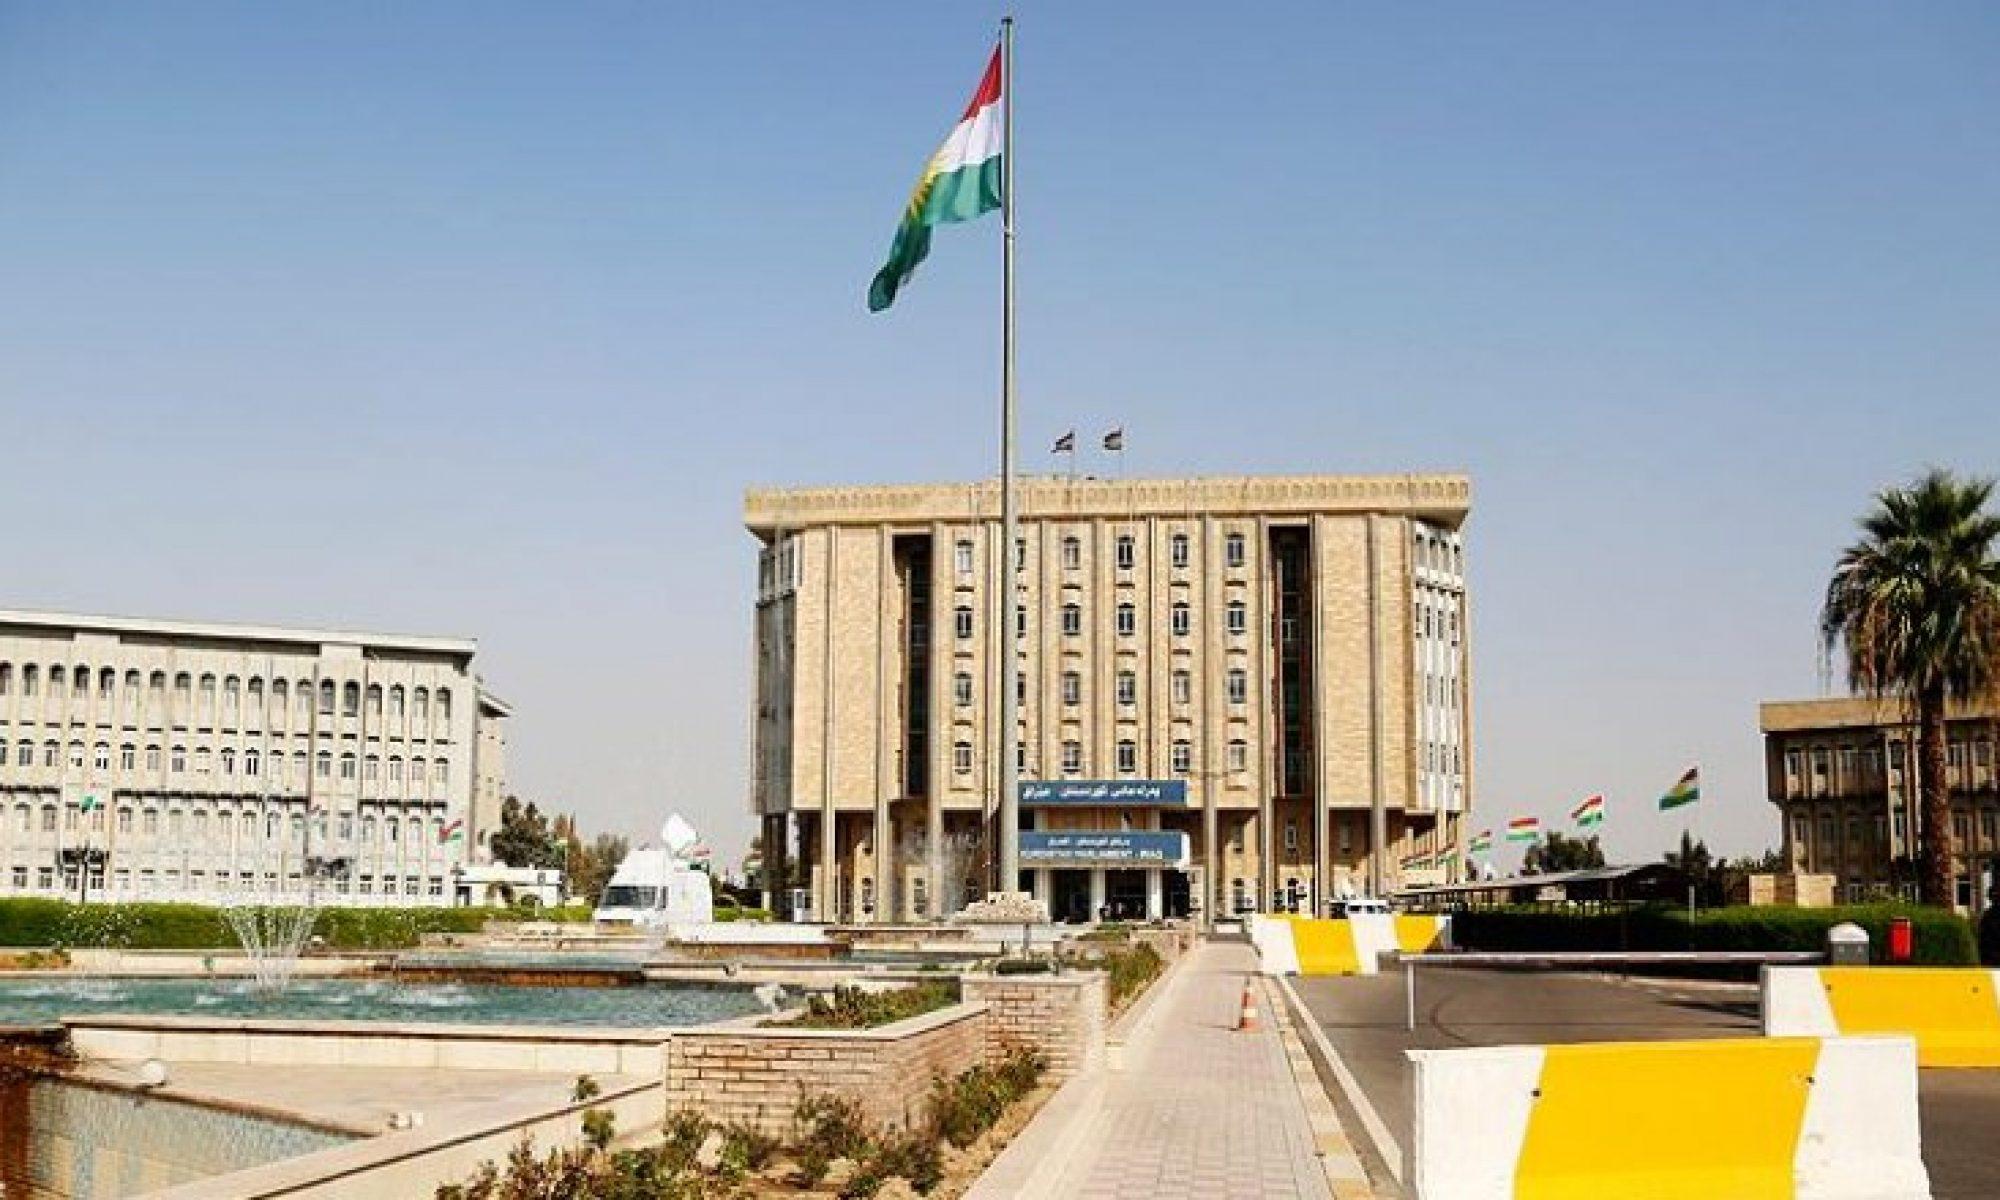 Peşmerge Bakanlık Sözcüsü Feqê Ehmed: Irak Savunma Bakanlığı ile önemli maddelerde anlaşmaya varıldı Kürdistan, :Babekir Feqe Ehmed, Irak Ordusu,